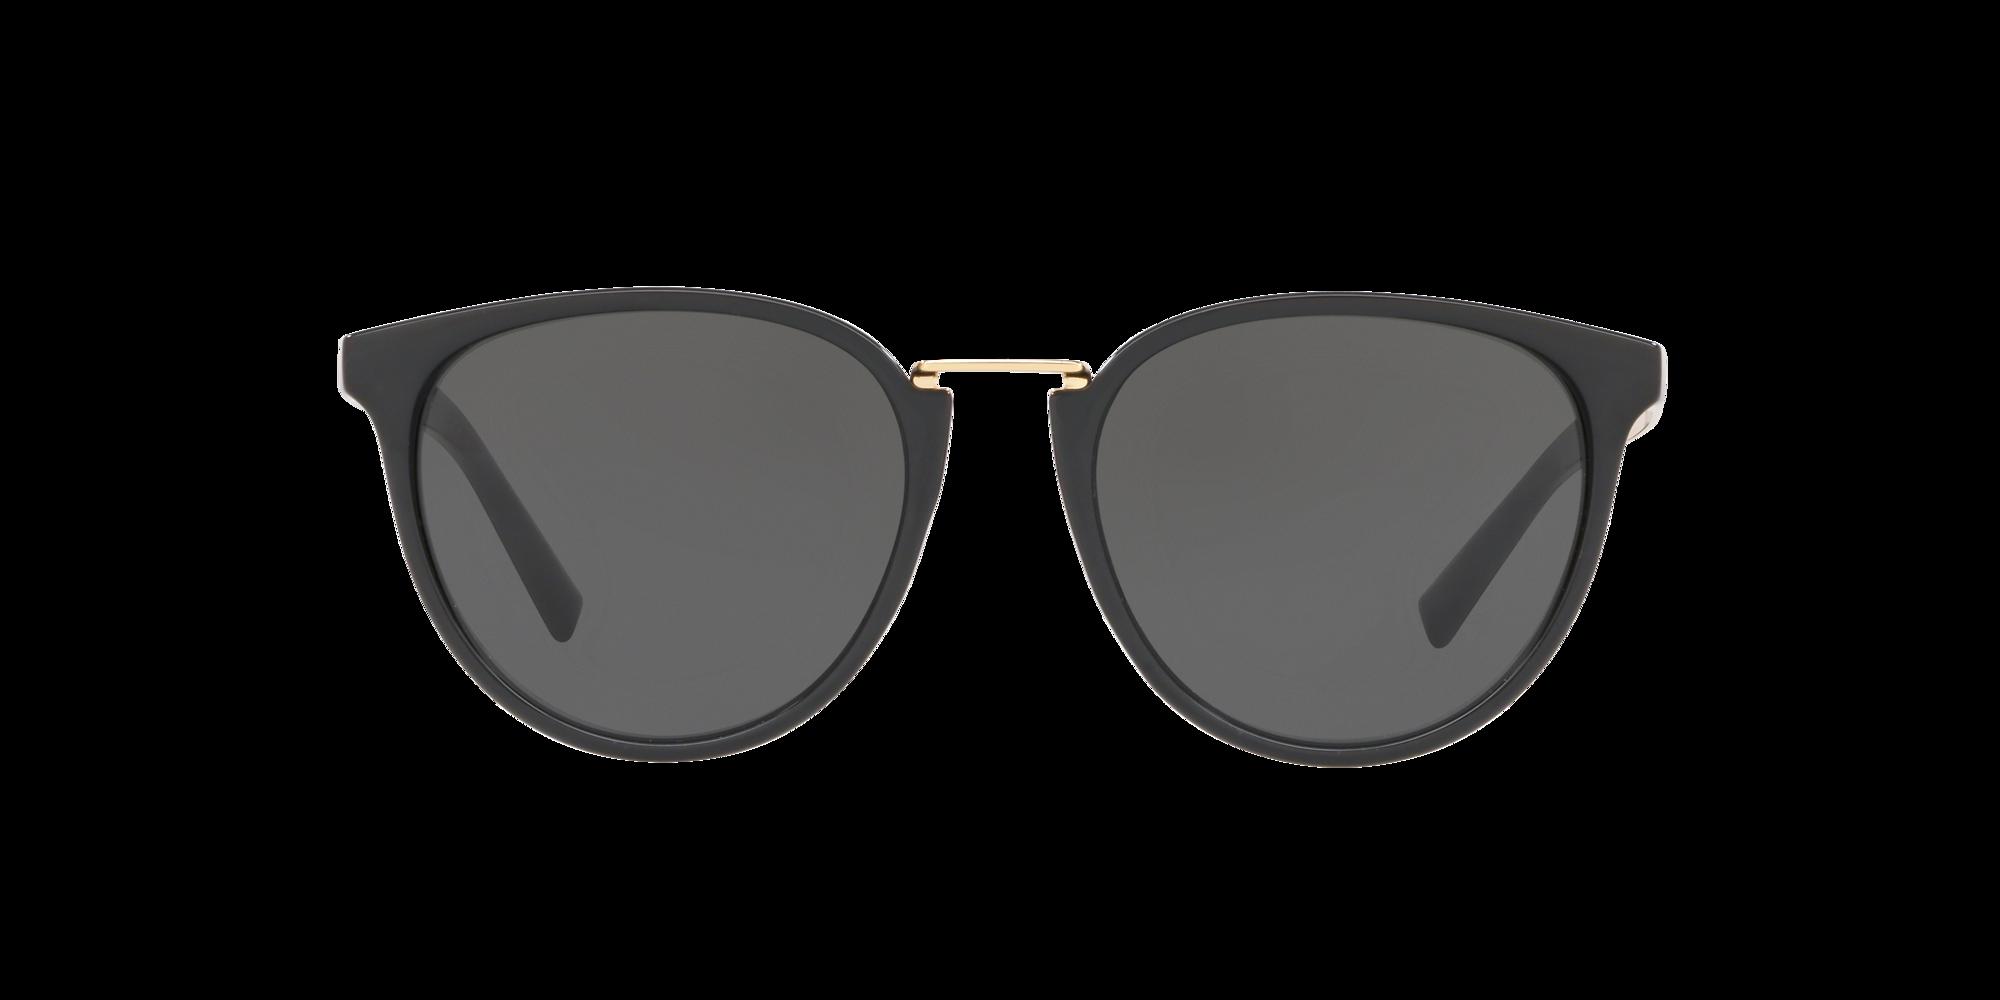 Imagen para VE4366 54 de LensCrafters    Espejuelos, espejuelos graduados en línea, gafas